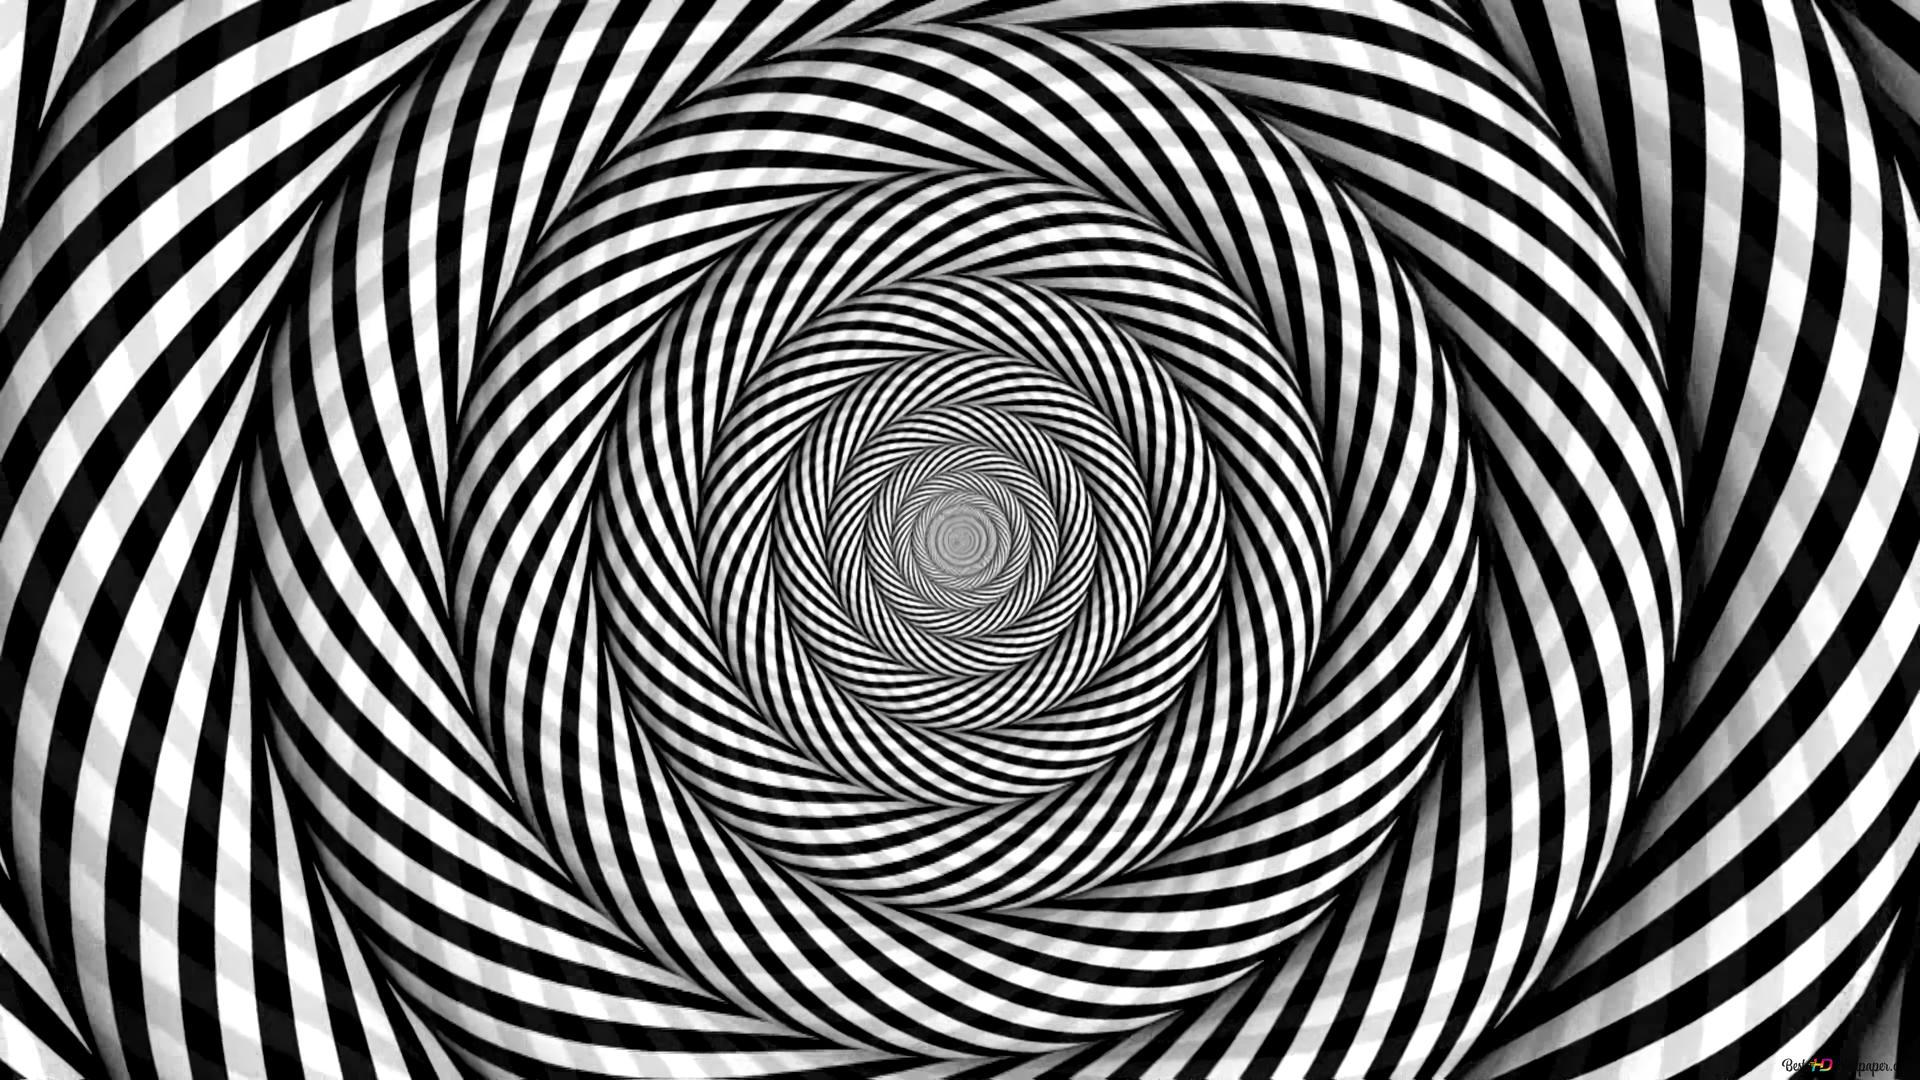 Cuscini Bianchi E Neri in bianco e nero optical illusion download di sfondi hd